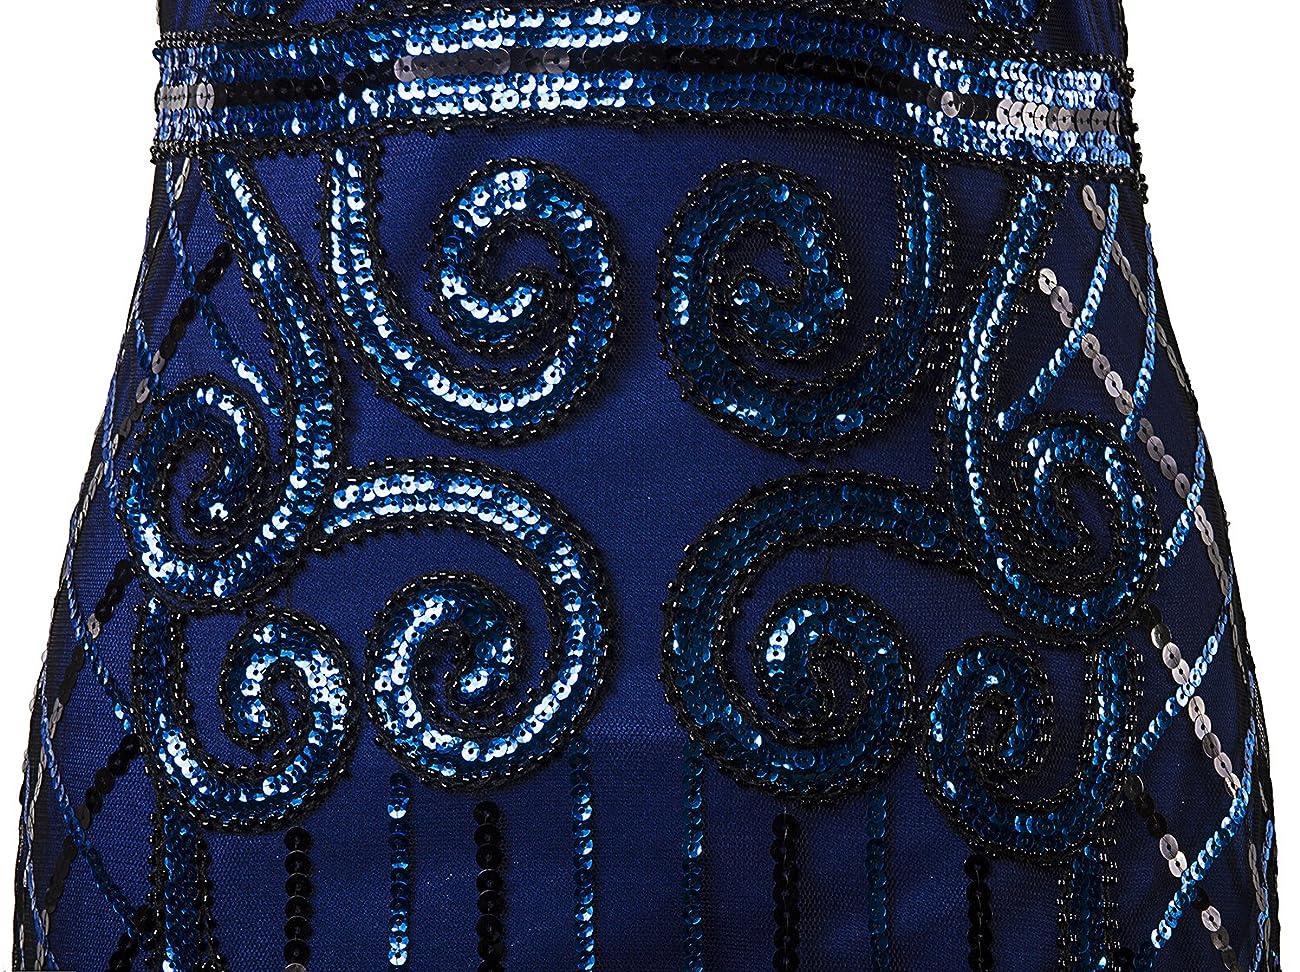 Vijiv 1920s Vintage Inspired Sequin Embellished Fringe Long Gatsby Flapper Dressblue 5